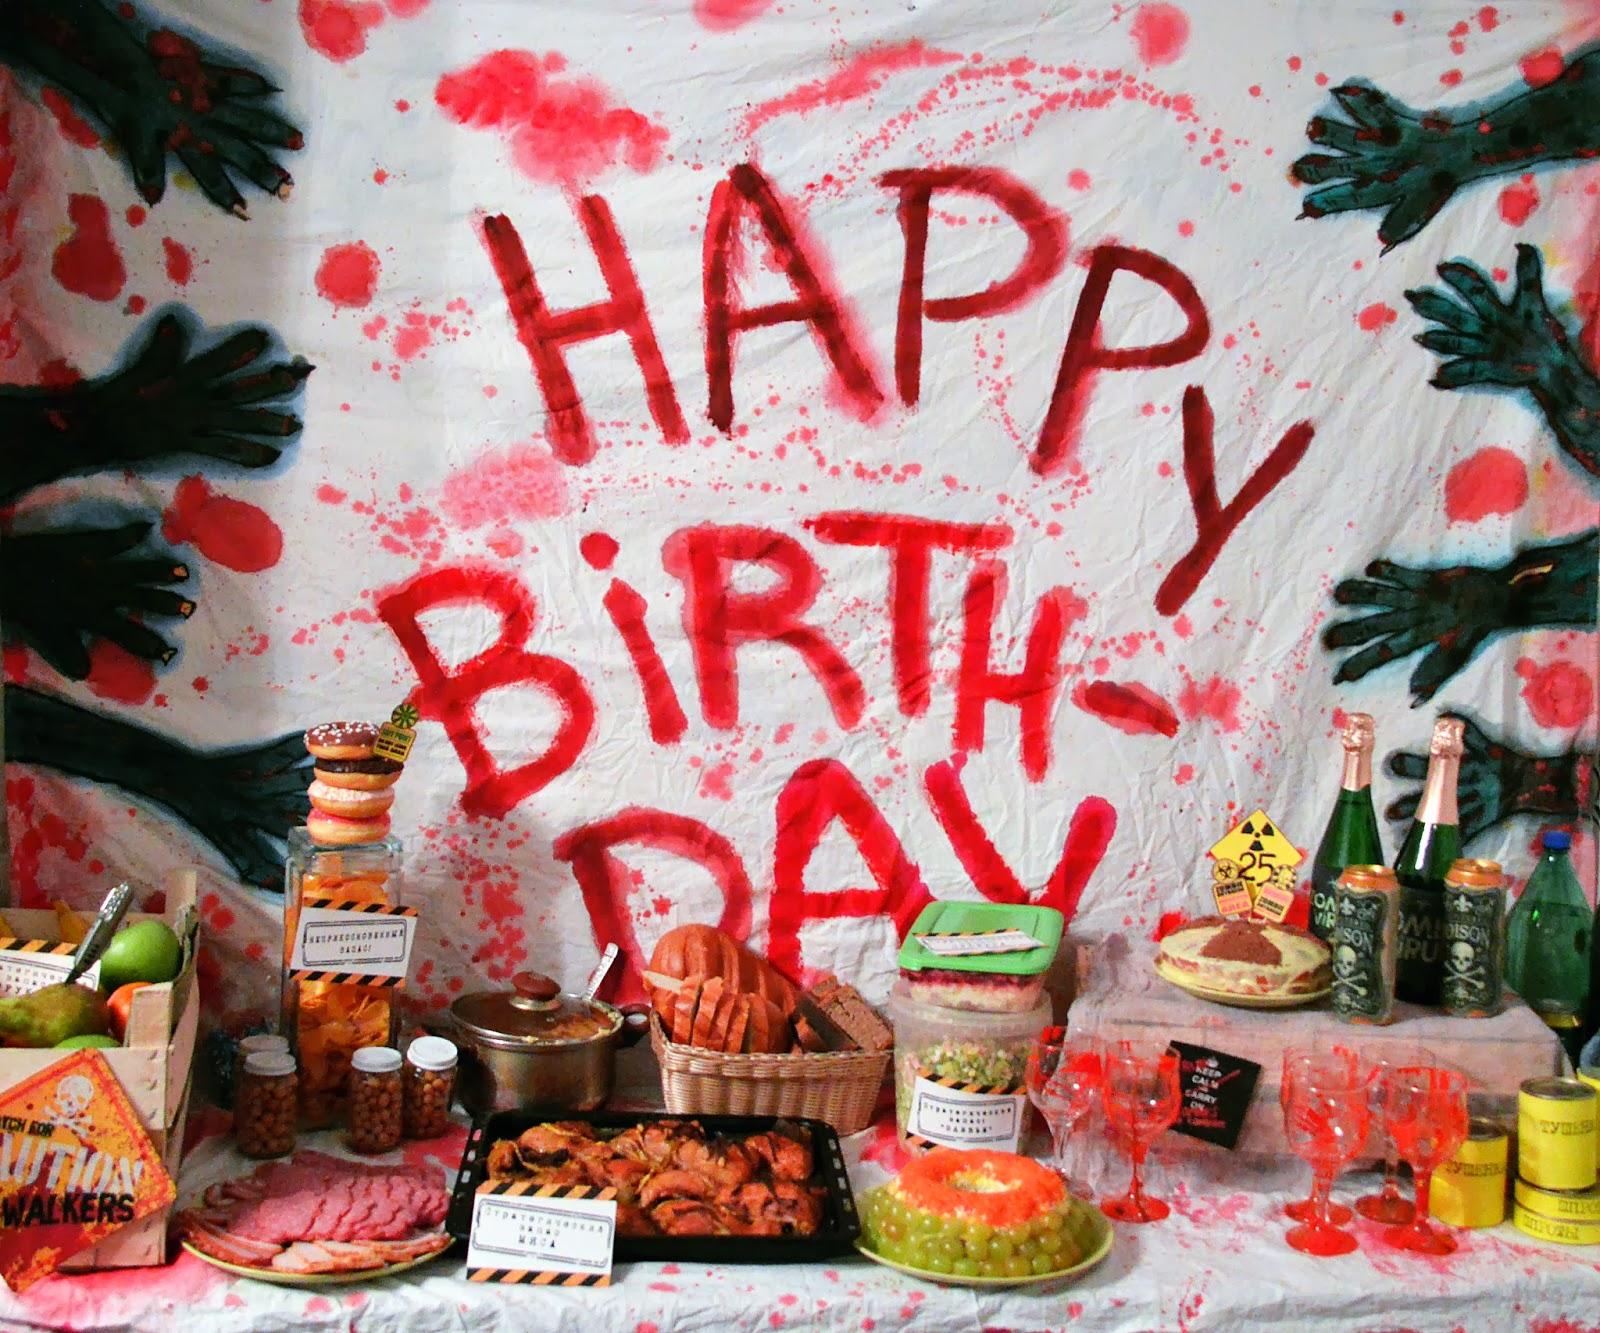 День рождения в стиле Зомби Апокалипсис